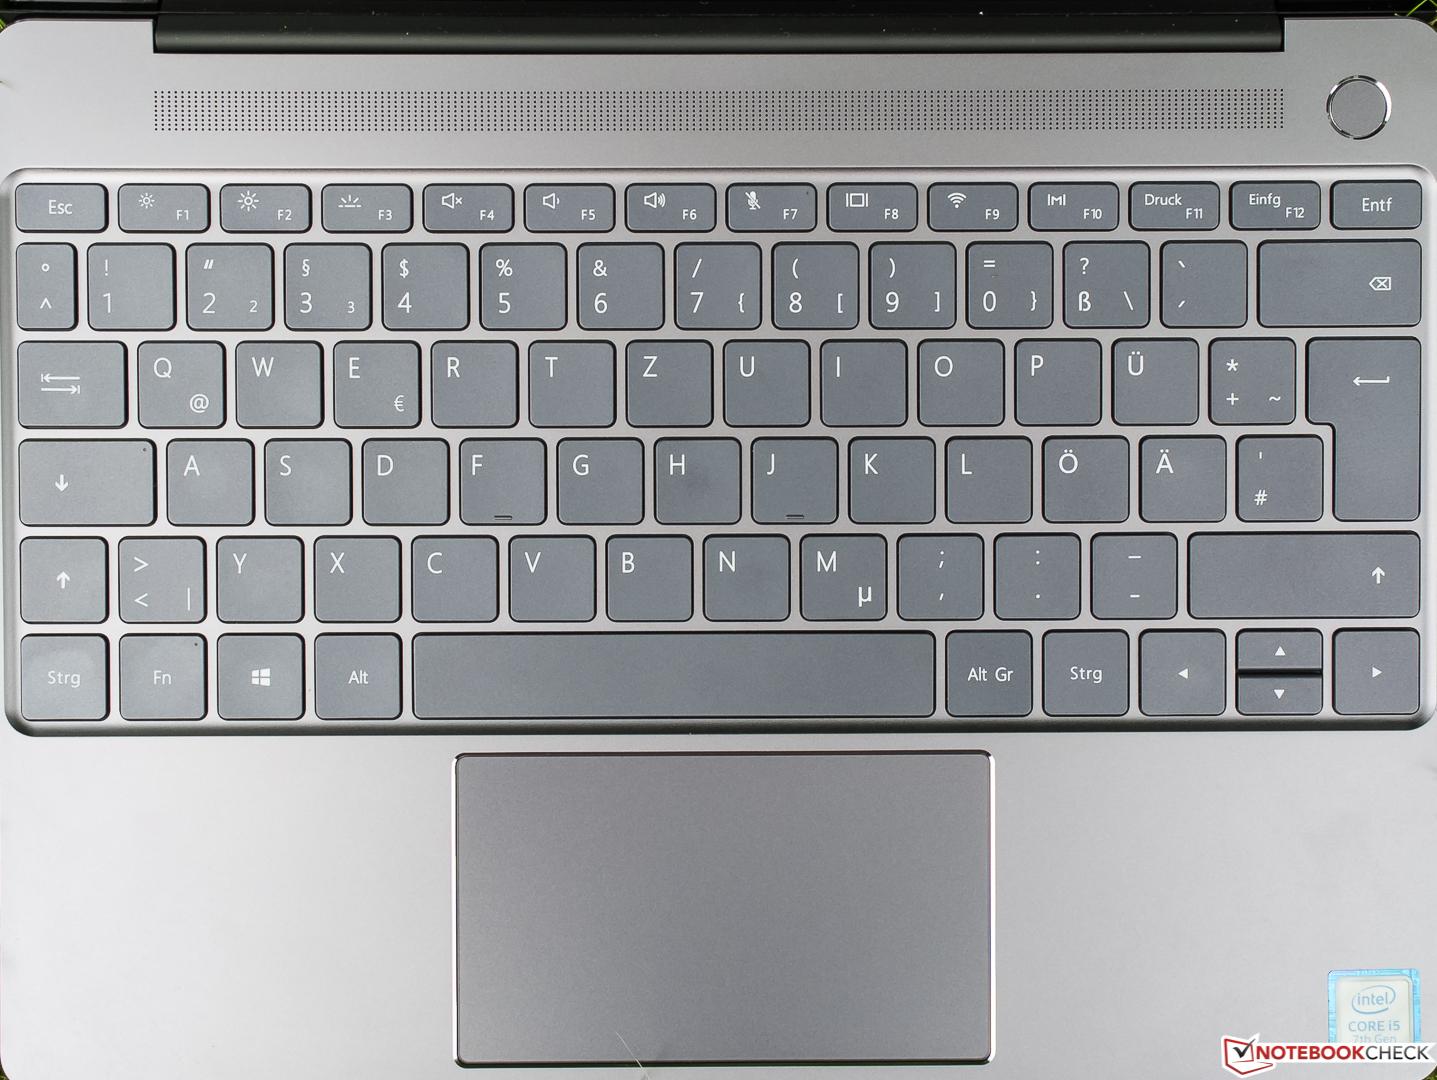 Huawei MateBook X (i5-7200U, 256 GB) Subnotebook Review